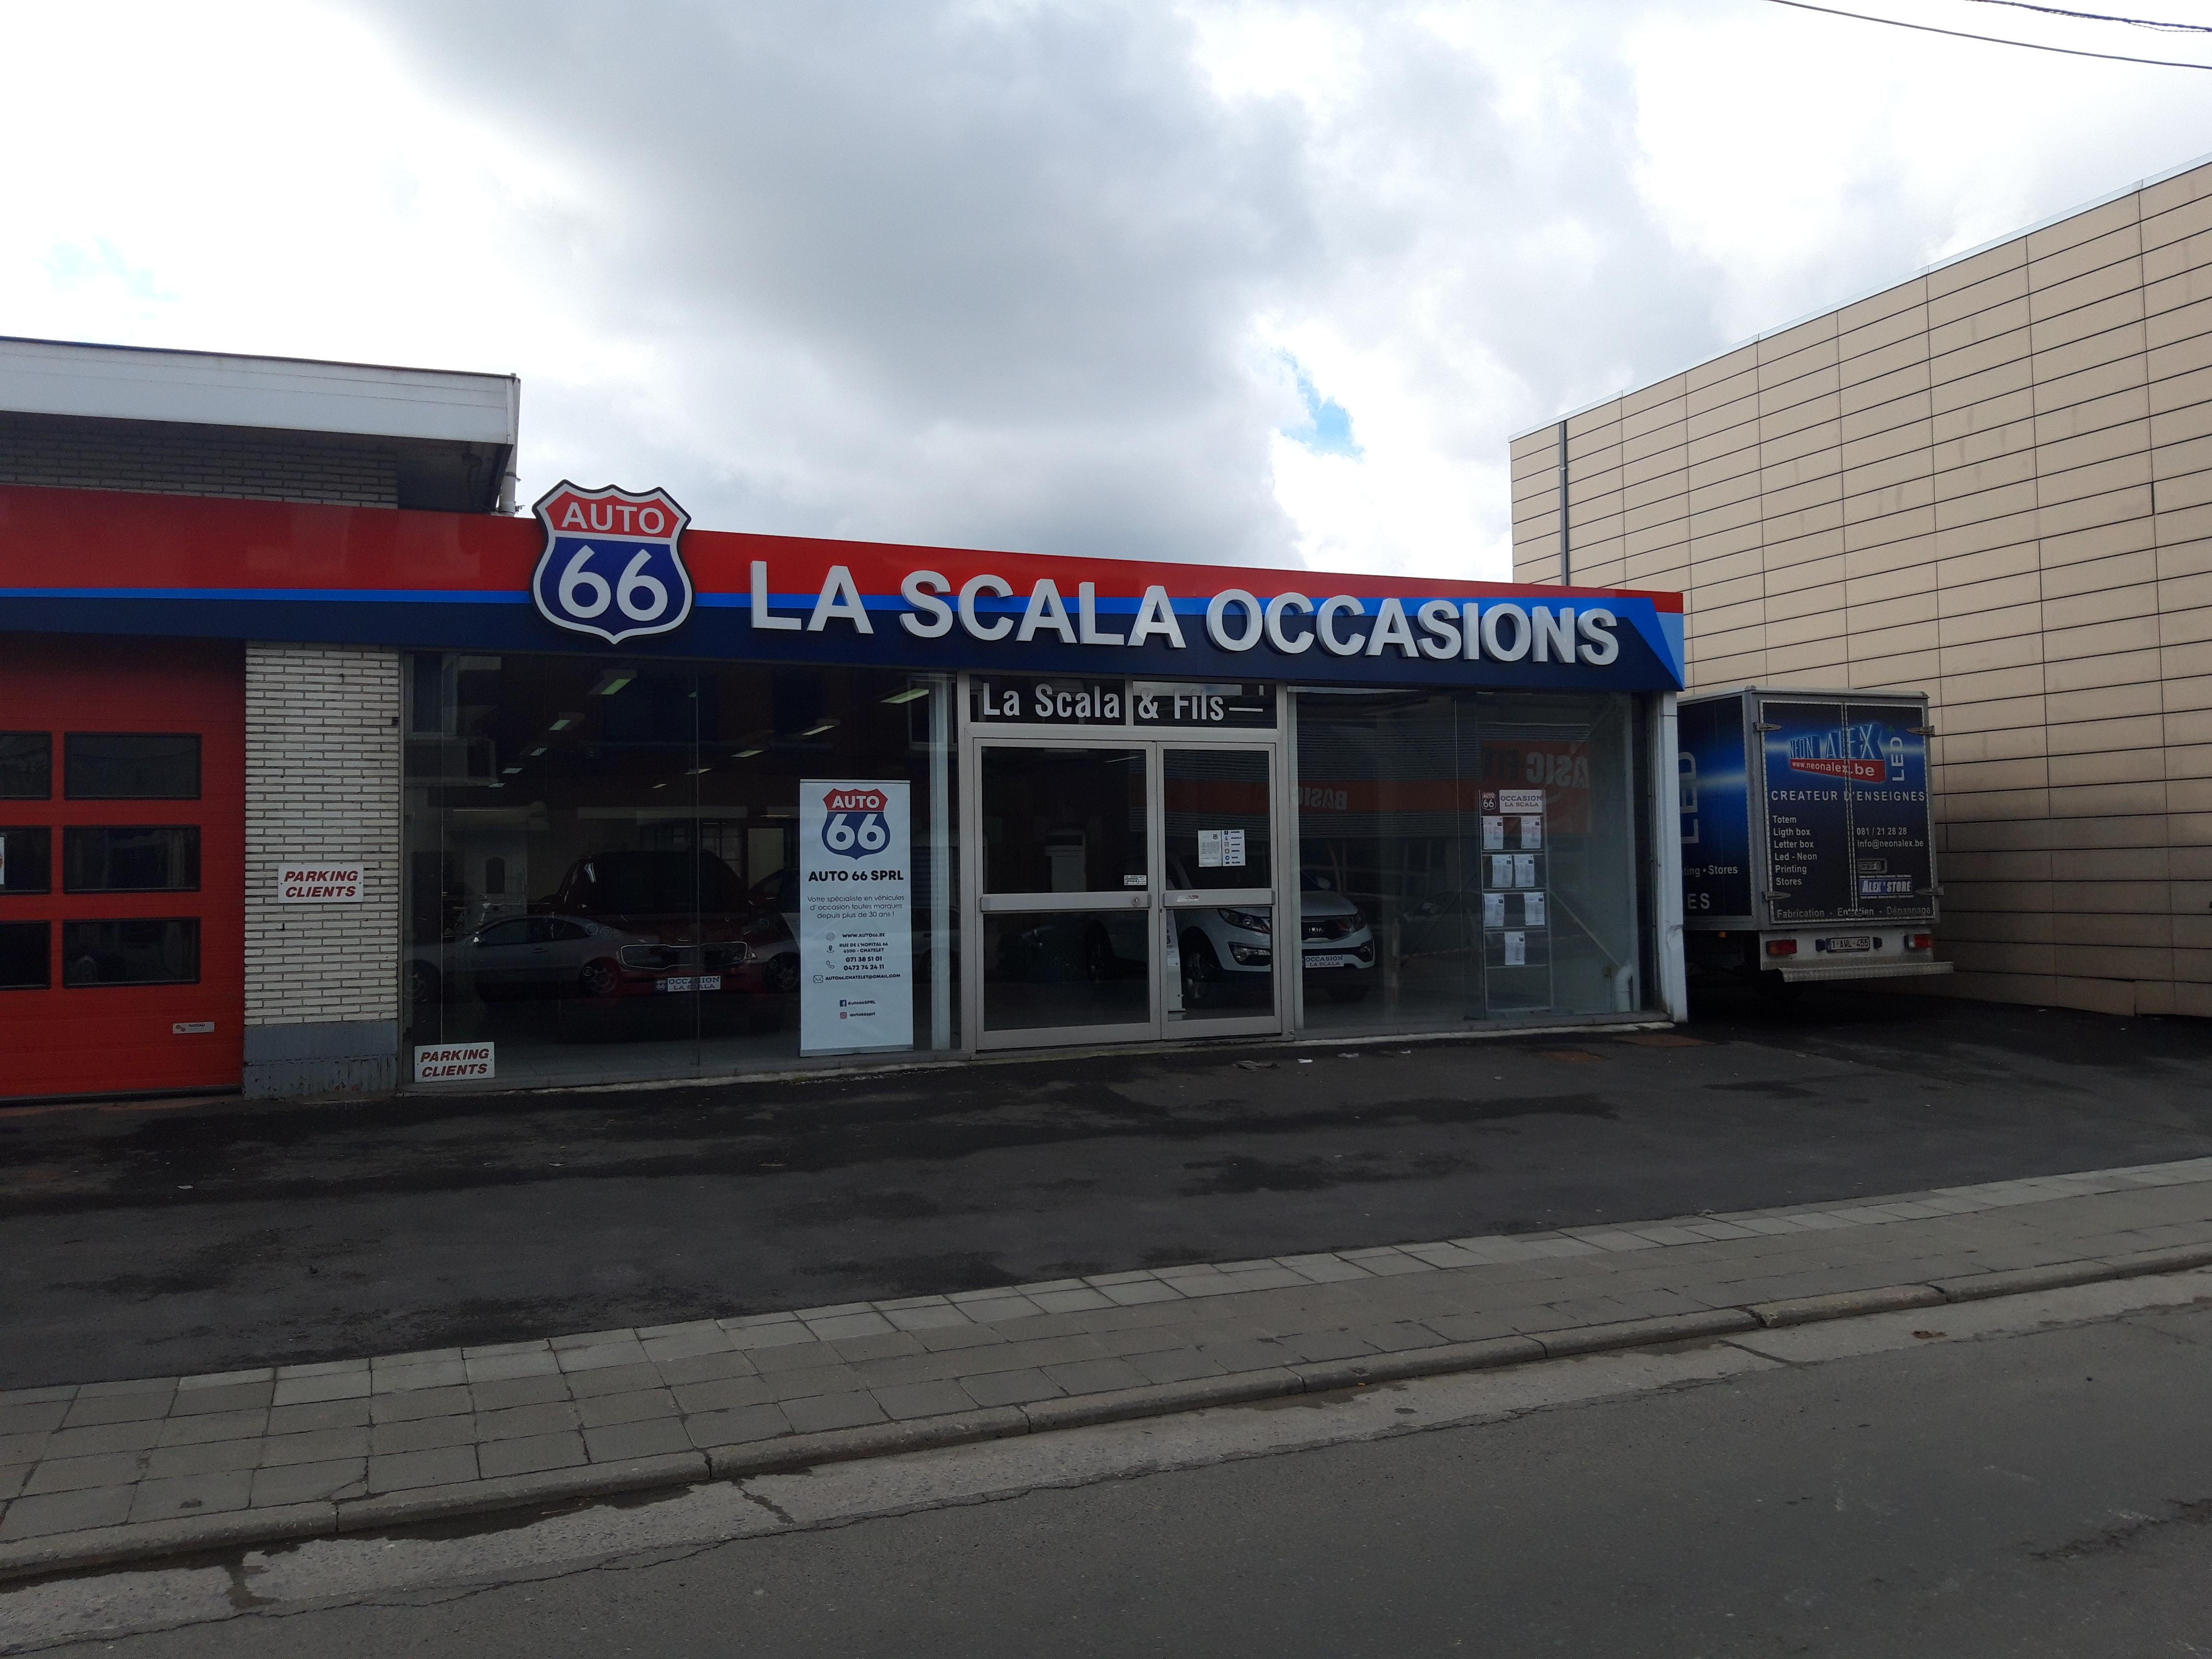 Habillage de façade - Carrosserie La Scala